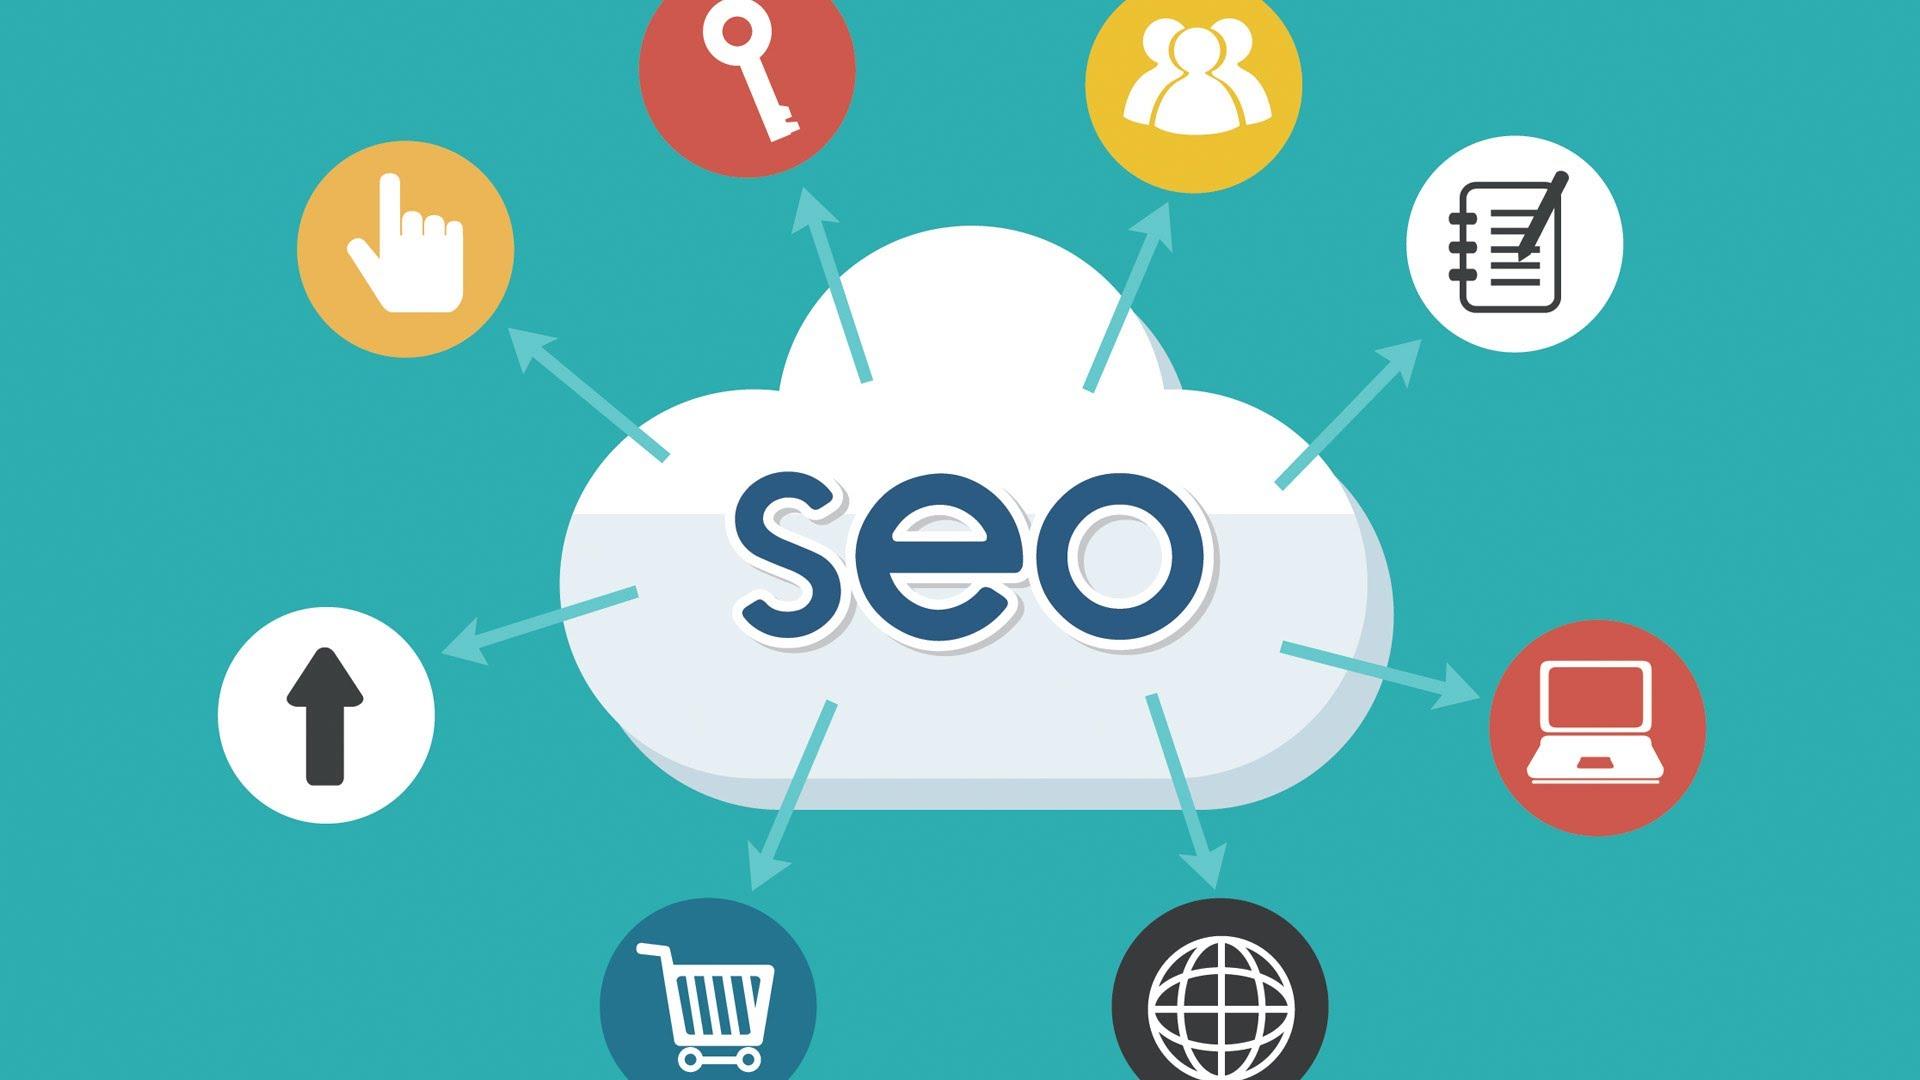 ทำไม จึงแนะนำให้นักธุรกิจออนไลน์ทำเว็บไซต์ SEO